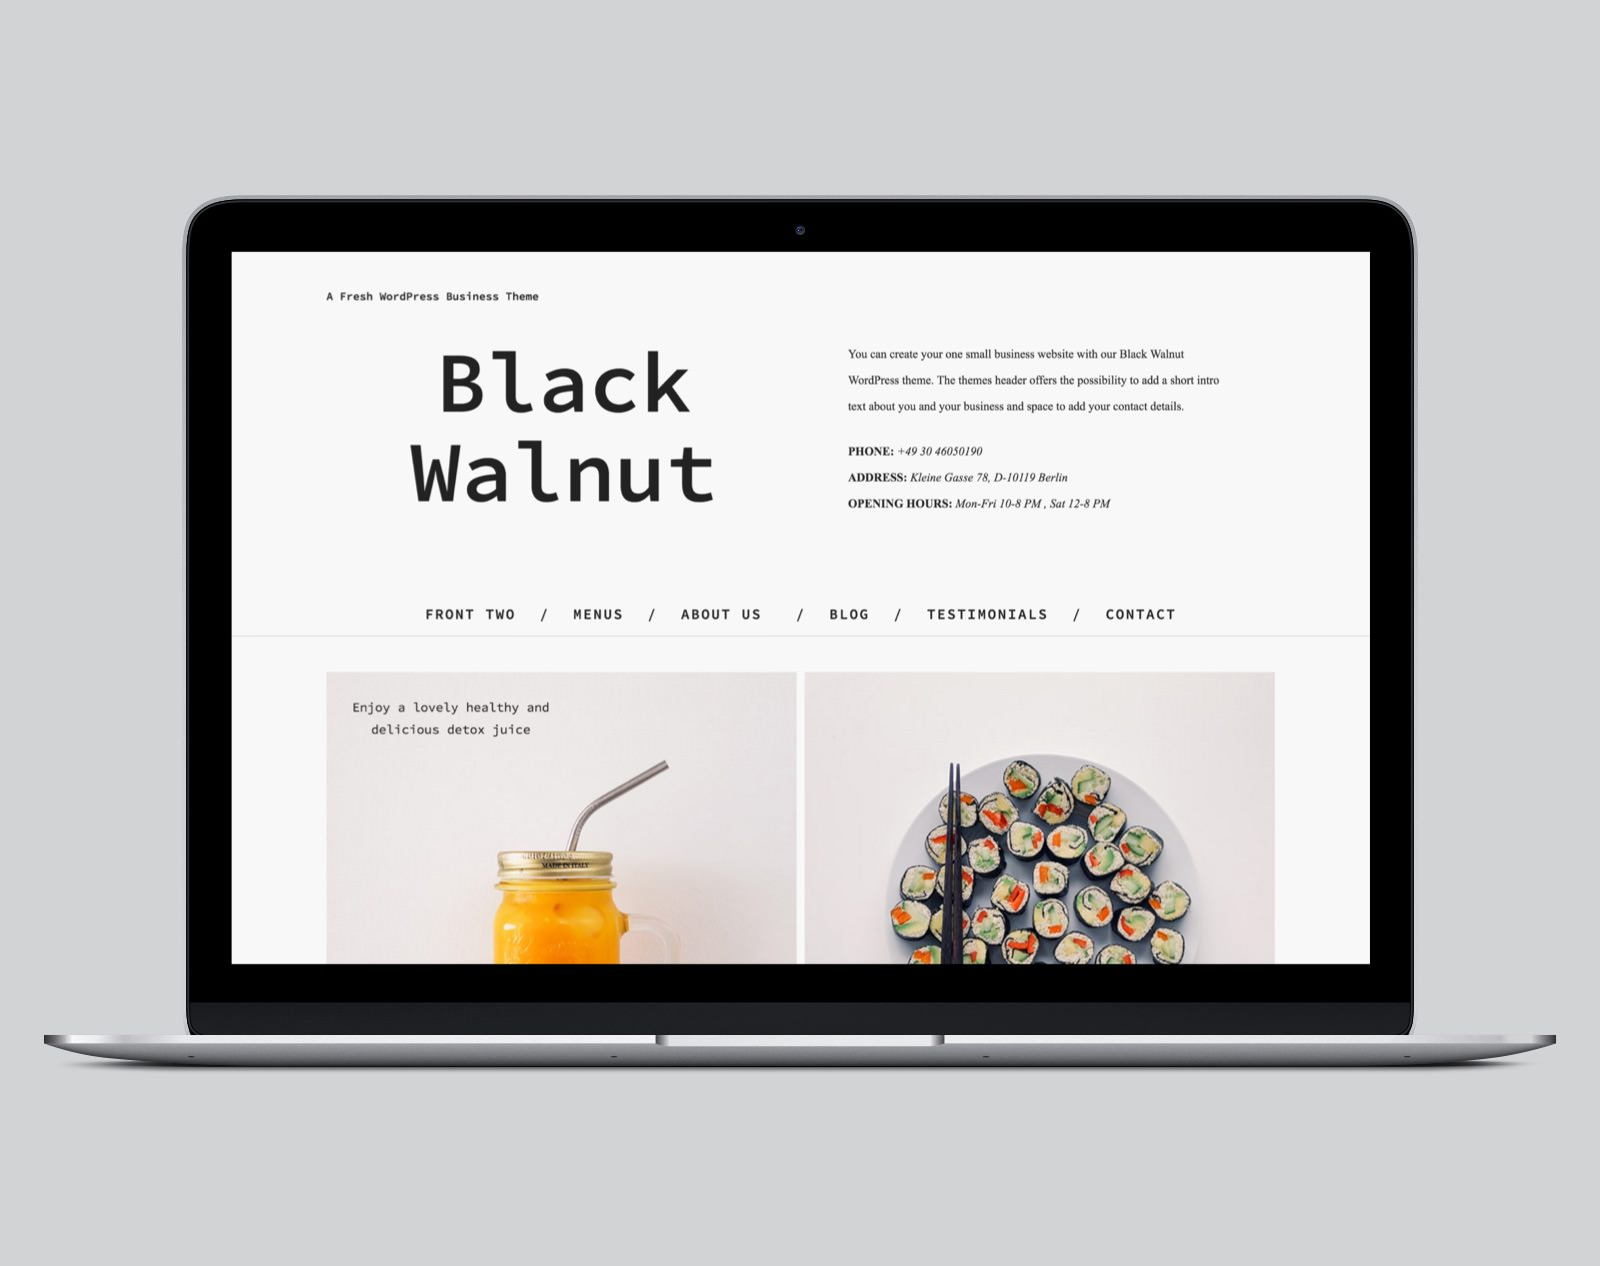 Black Walnut WordPress Business Theme